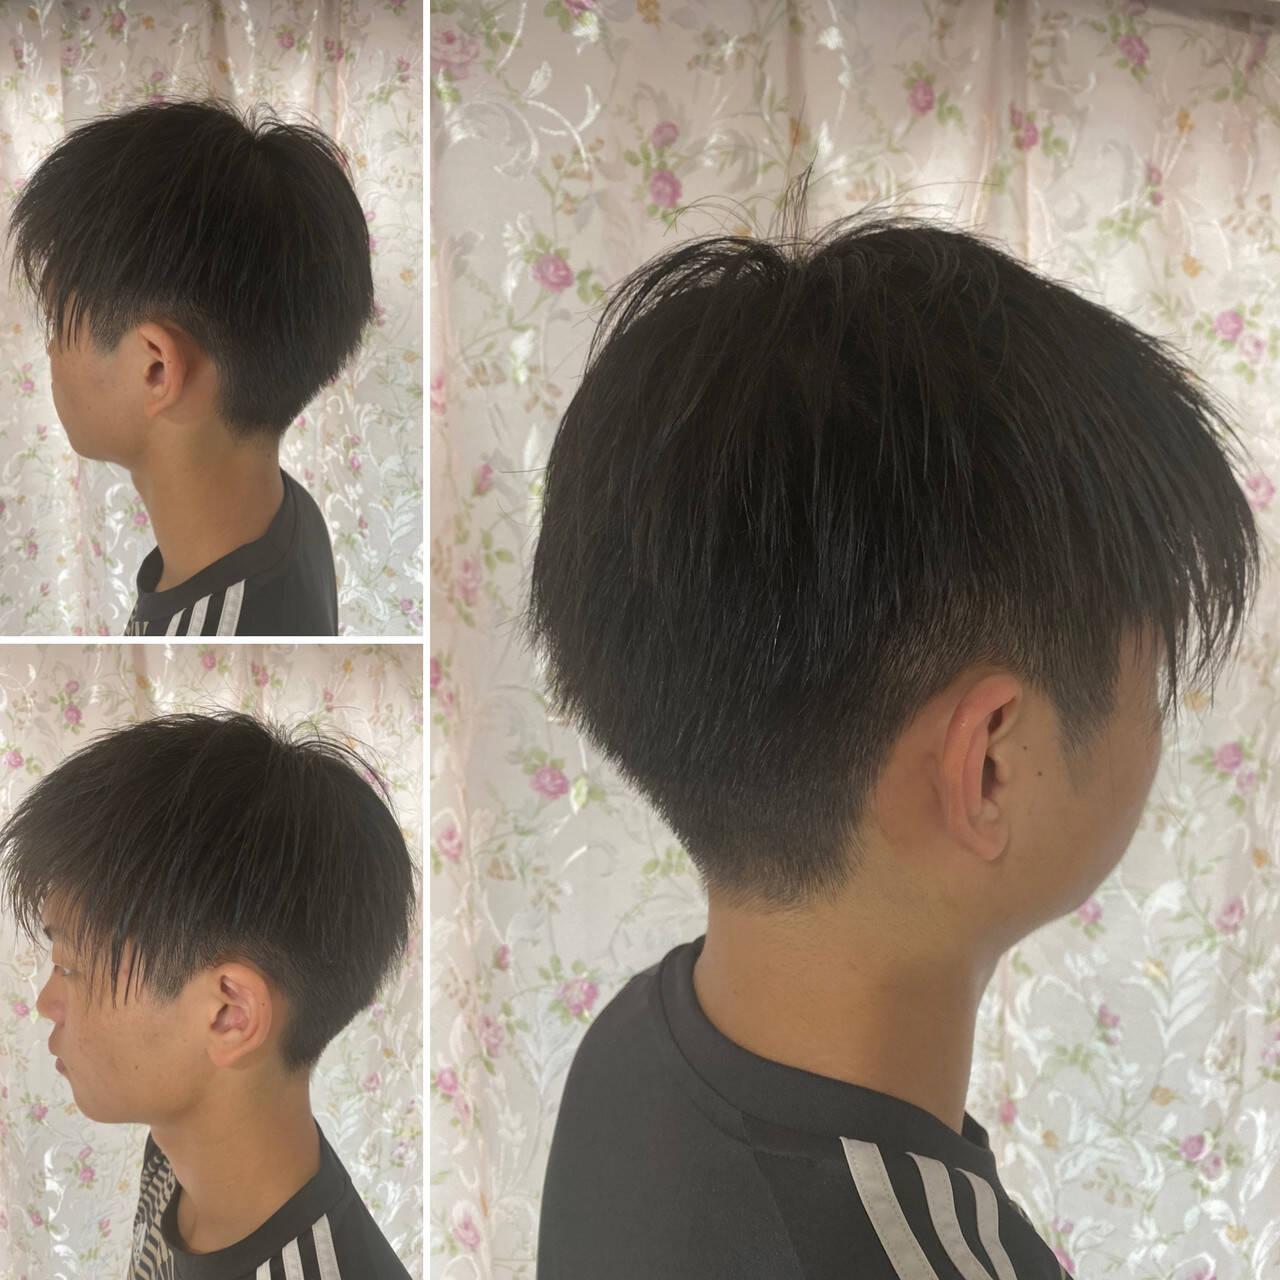 ストリート フェードカット ベリーショート スキンフェードヘアスタイルや髪型の写真・画像